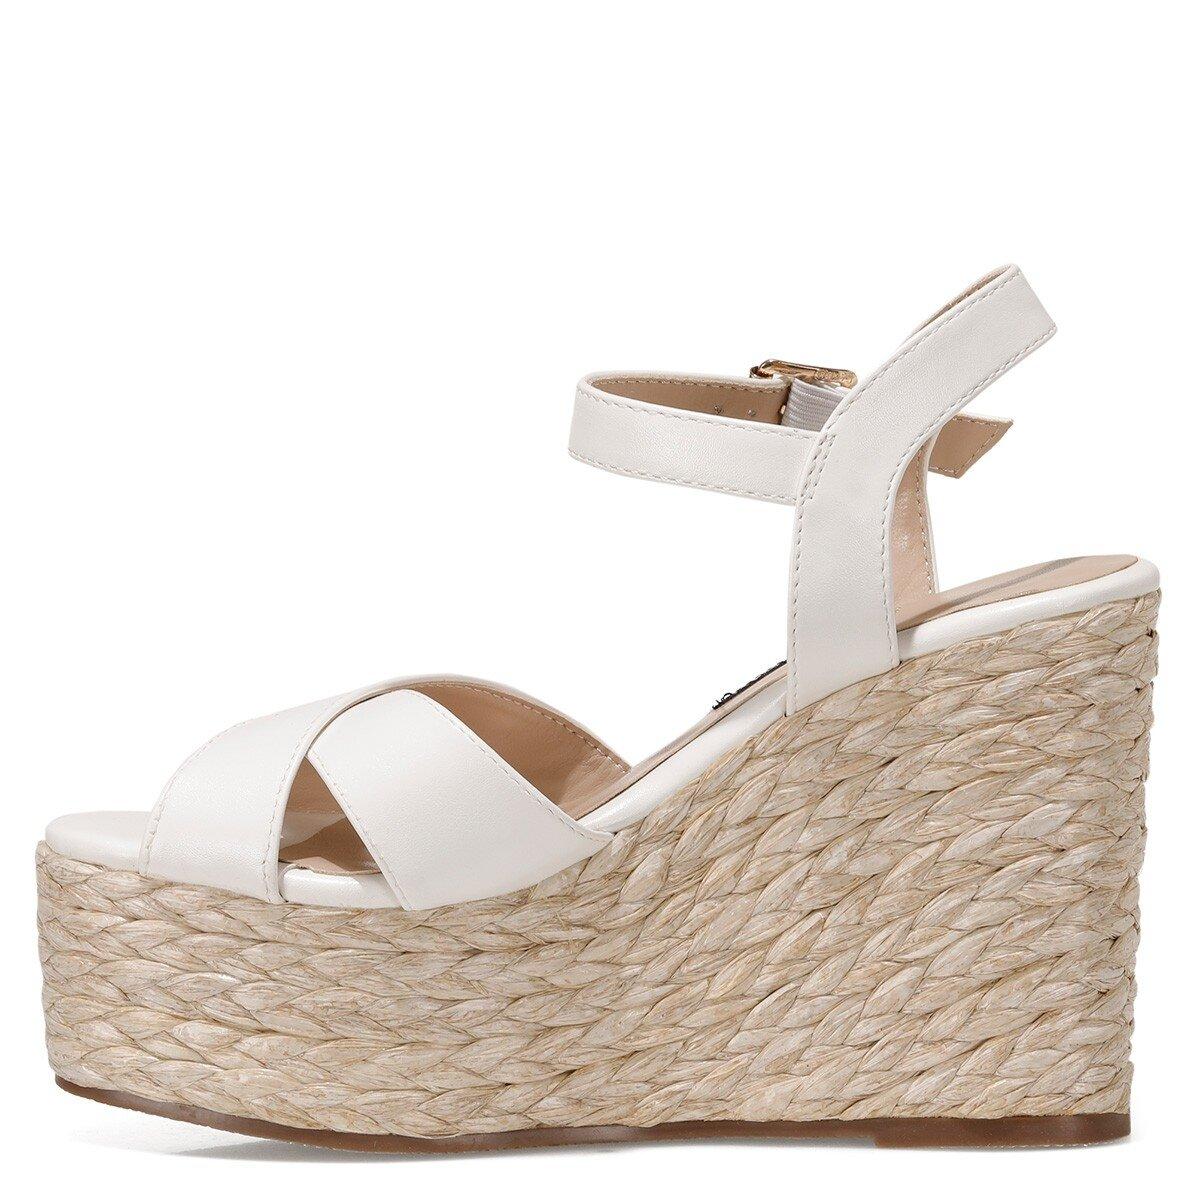 WIEMA 1FX Beyaz Kadın Dolgu Topuk Sandalet